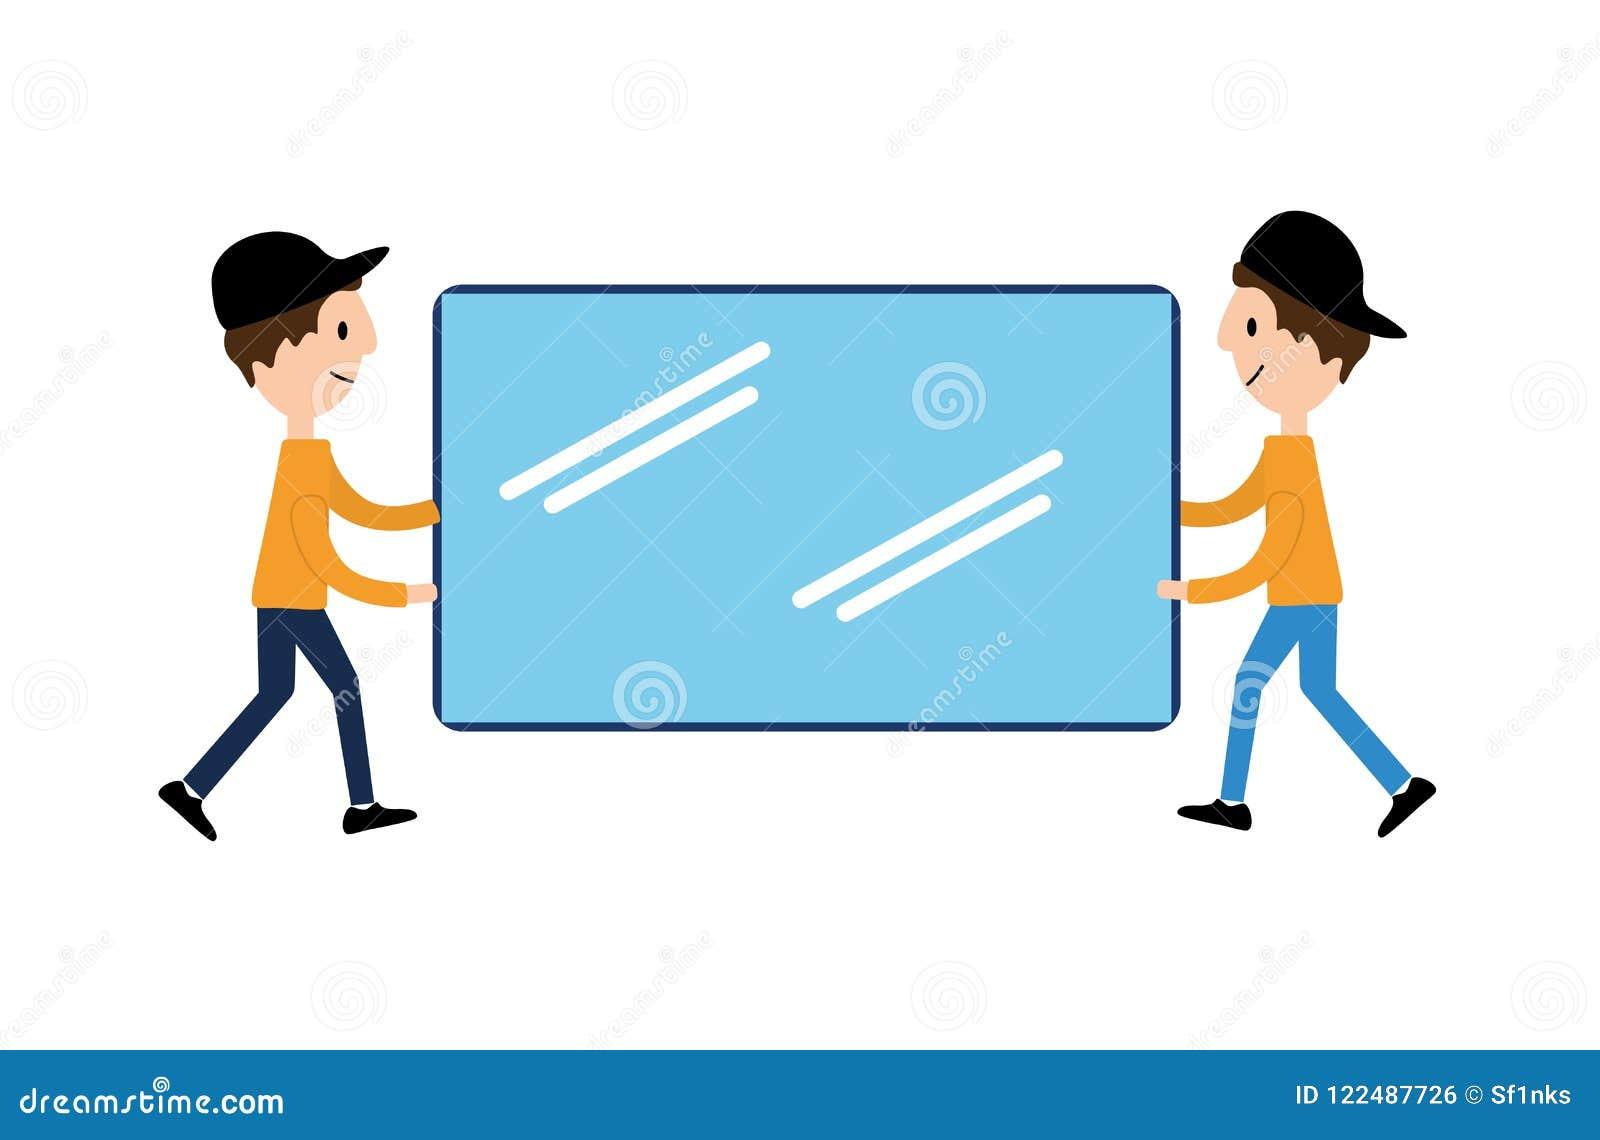 Vector плоские иллюстрации, онлайн покупки, приобретение и продавать, знамя, представление, социальные средства массовой информац